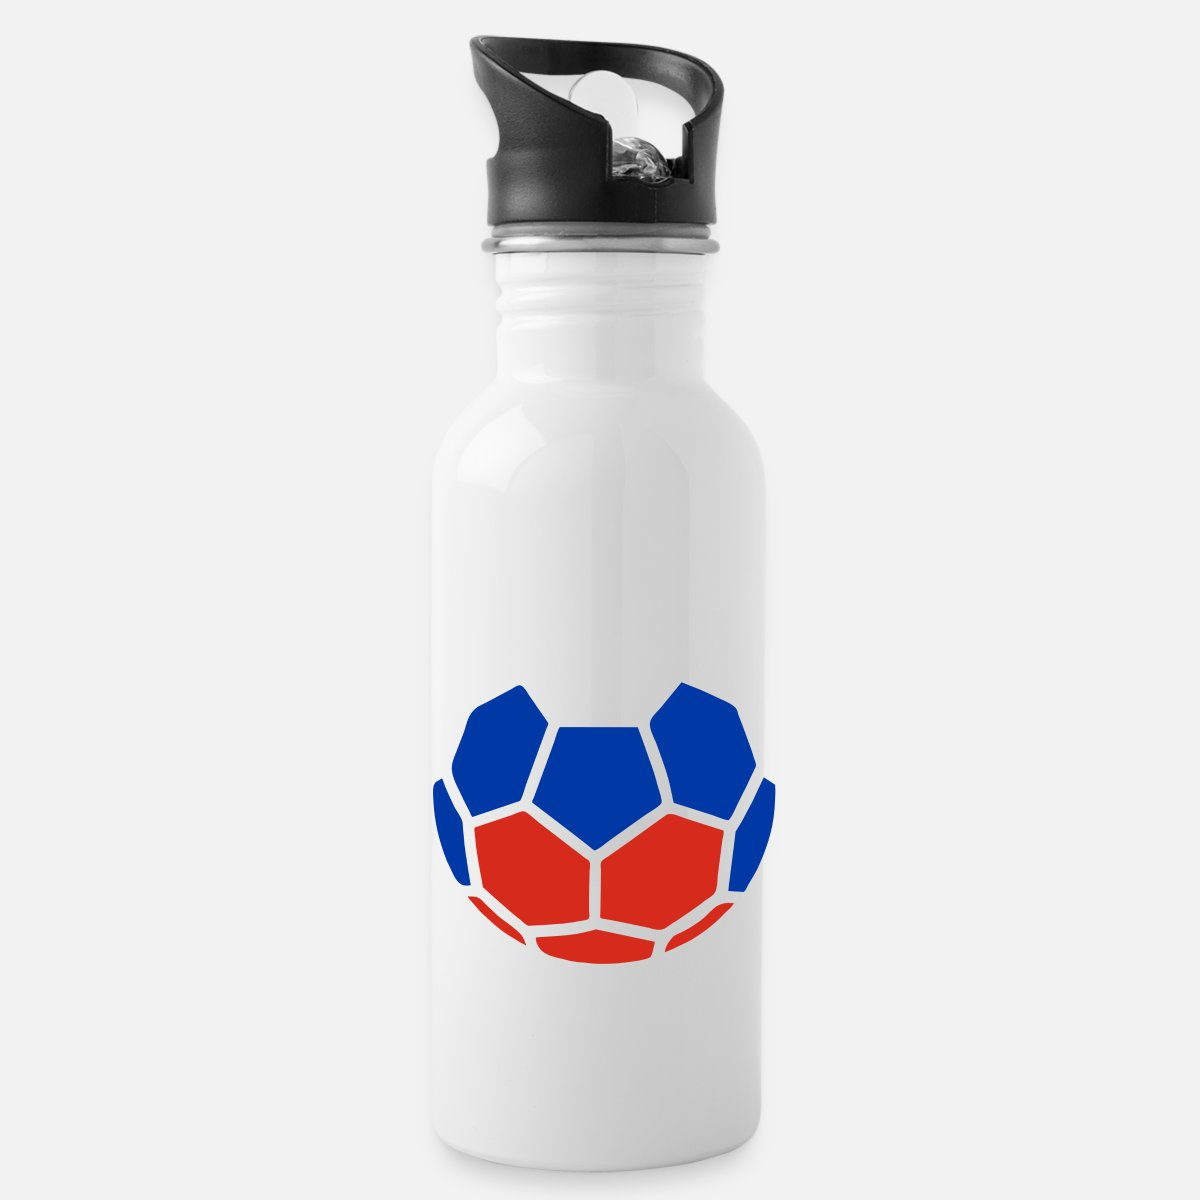 Geschenke Russland Weihnachten.Fußball Geschenk Russland Weihnachten Trinkflasche Weiß